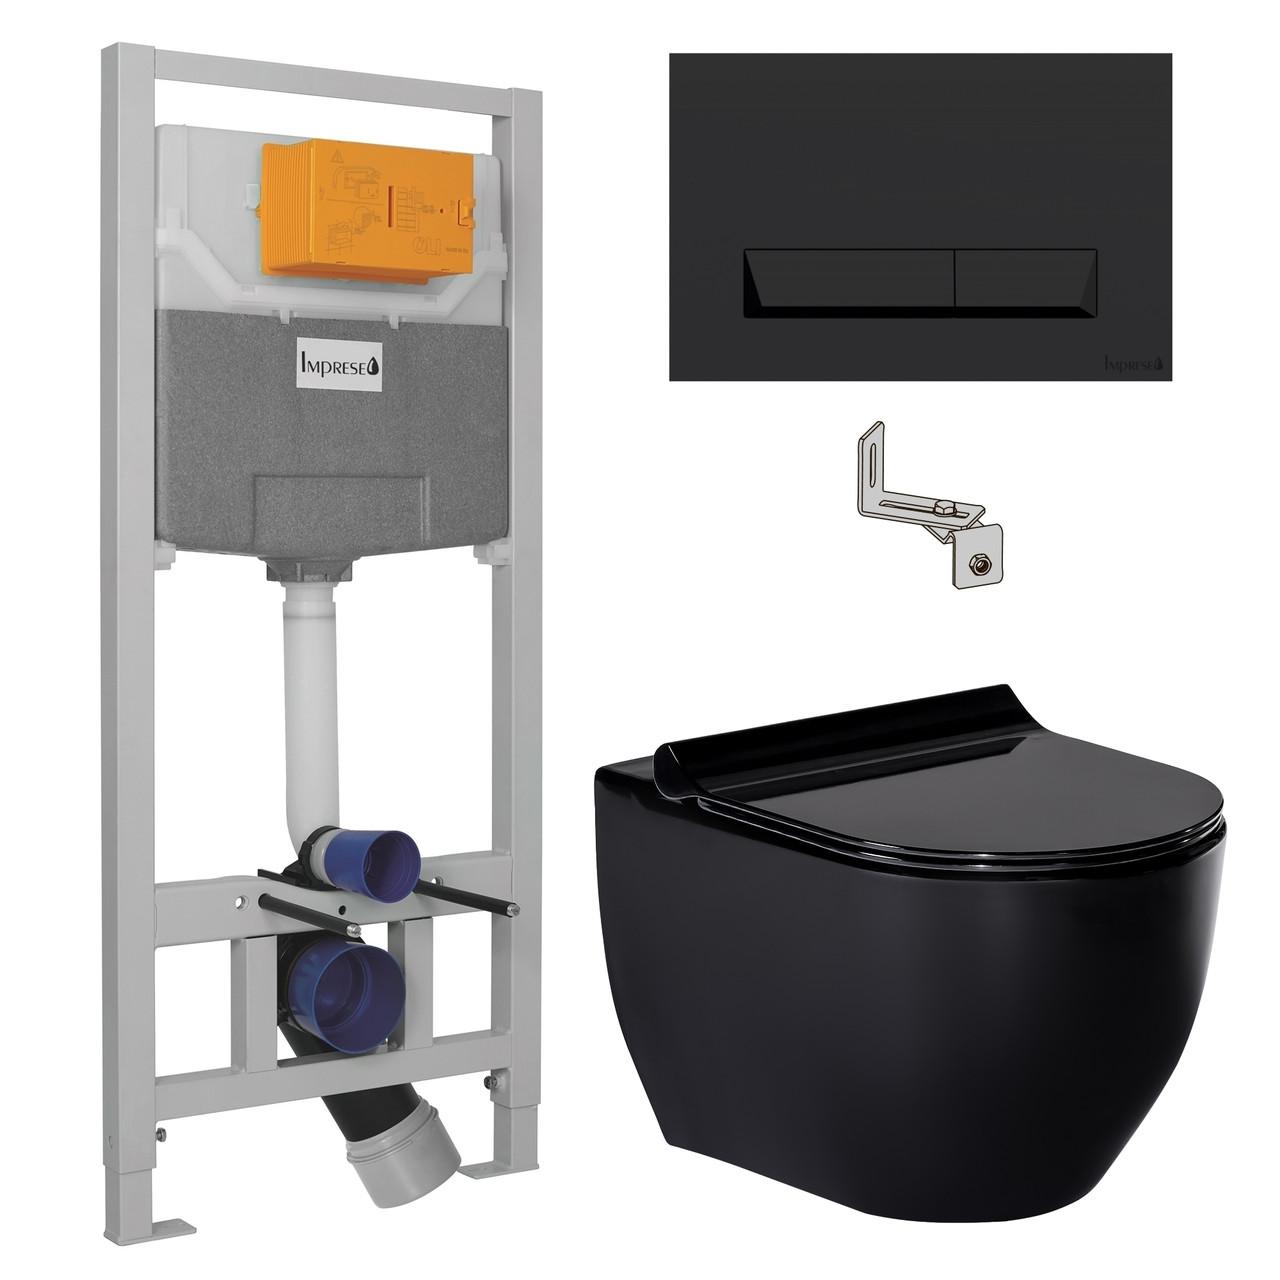 Комплект: BLACK AMADEUS унитаз черный, сиденье твердое Slim slow-closing+IMPRESE комплект инсталляции 3в1